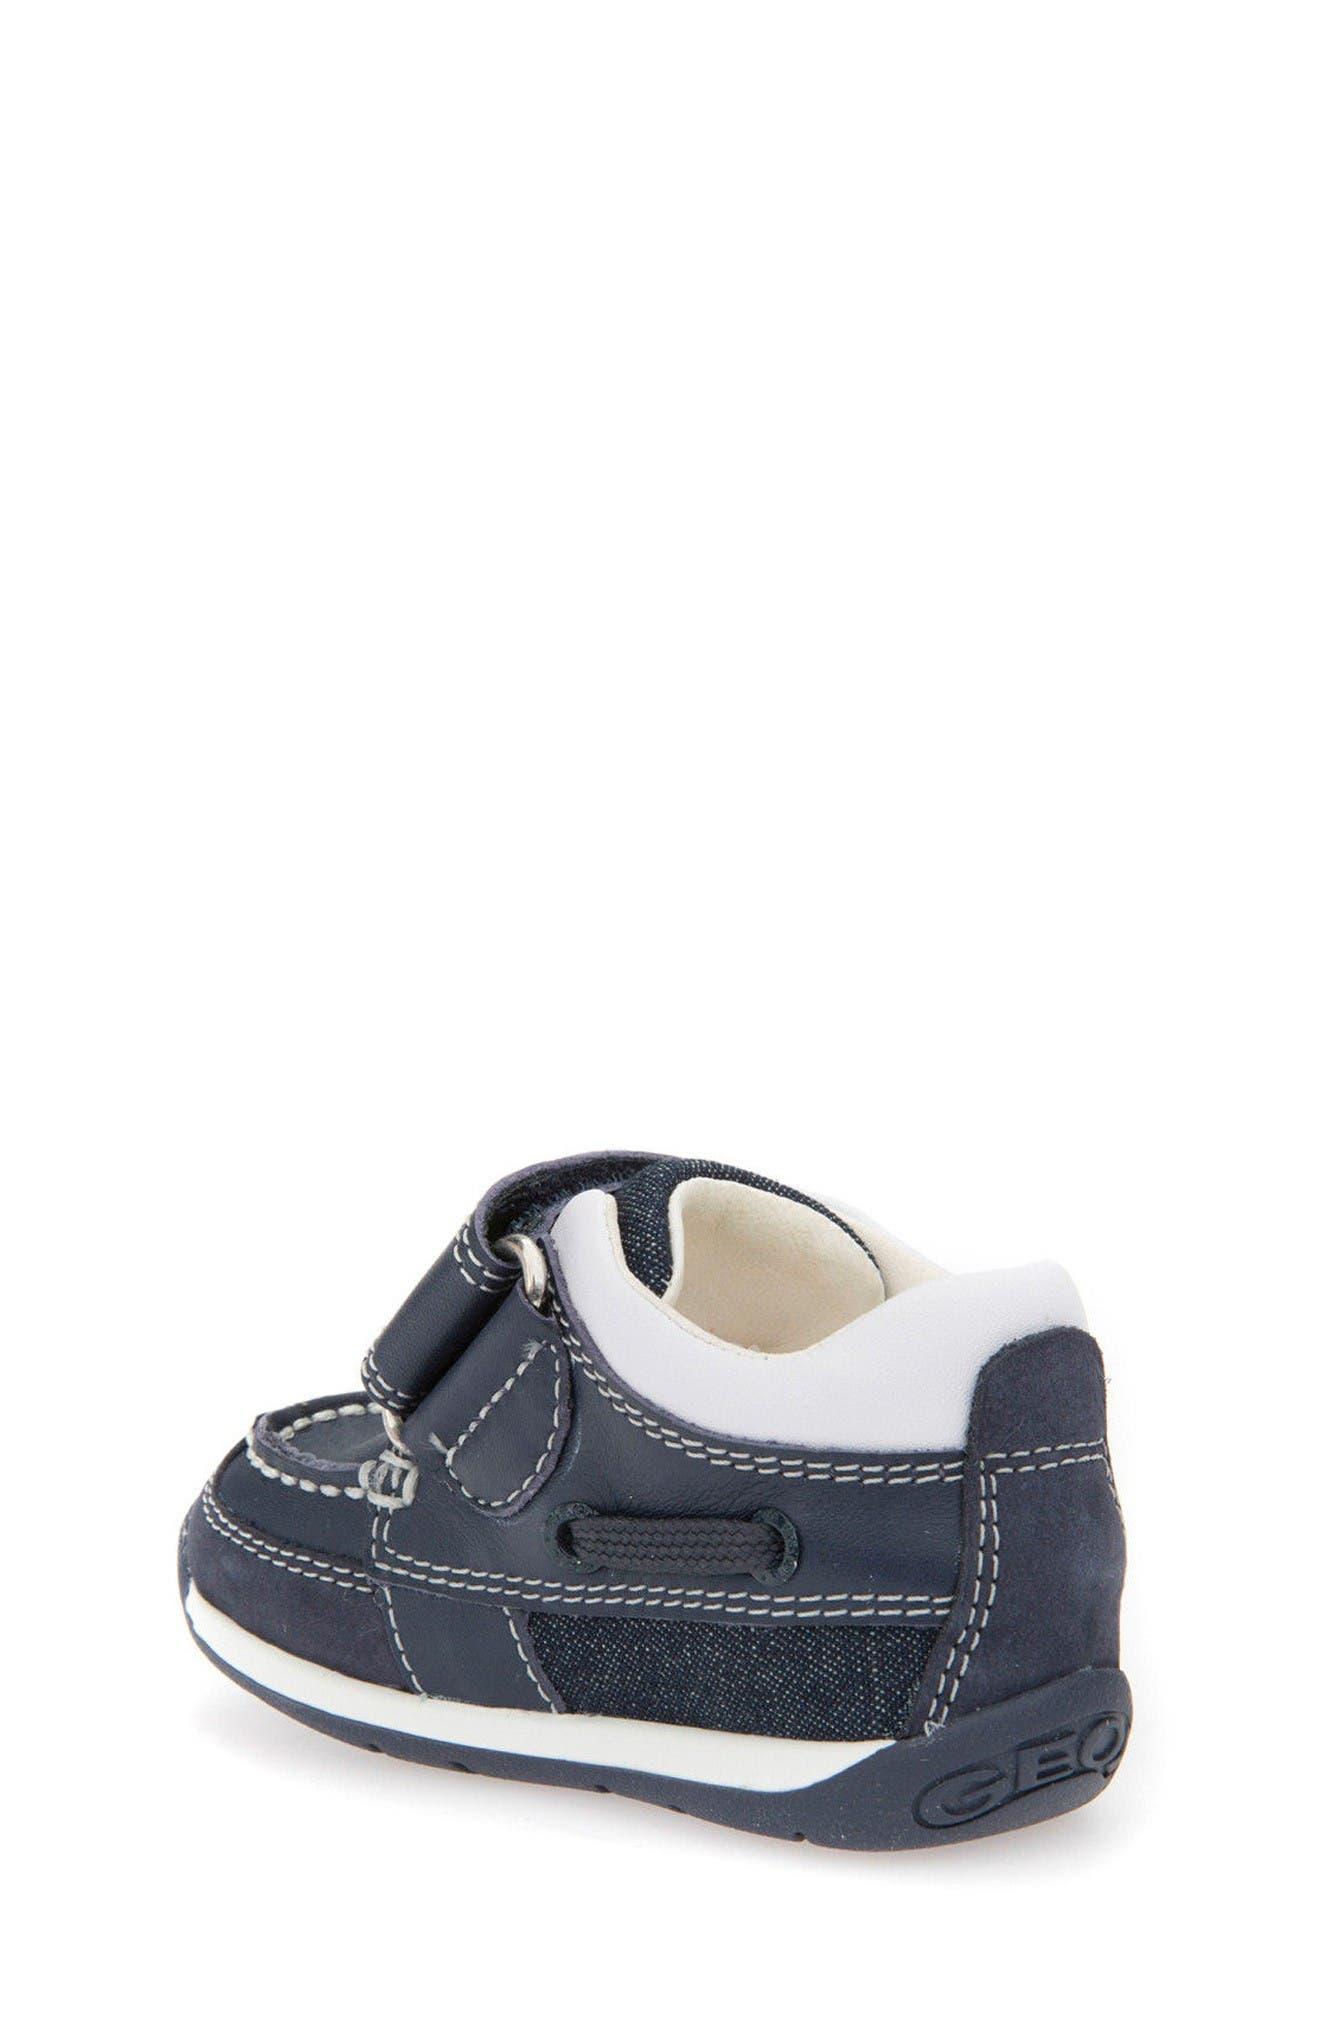 Alternate Image 2  - Geox Beach Sneaker (Baby, Walker & Toddler)